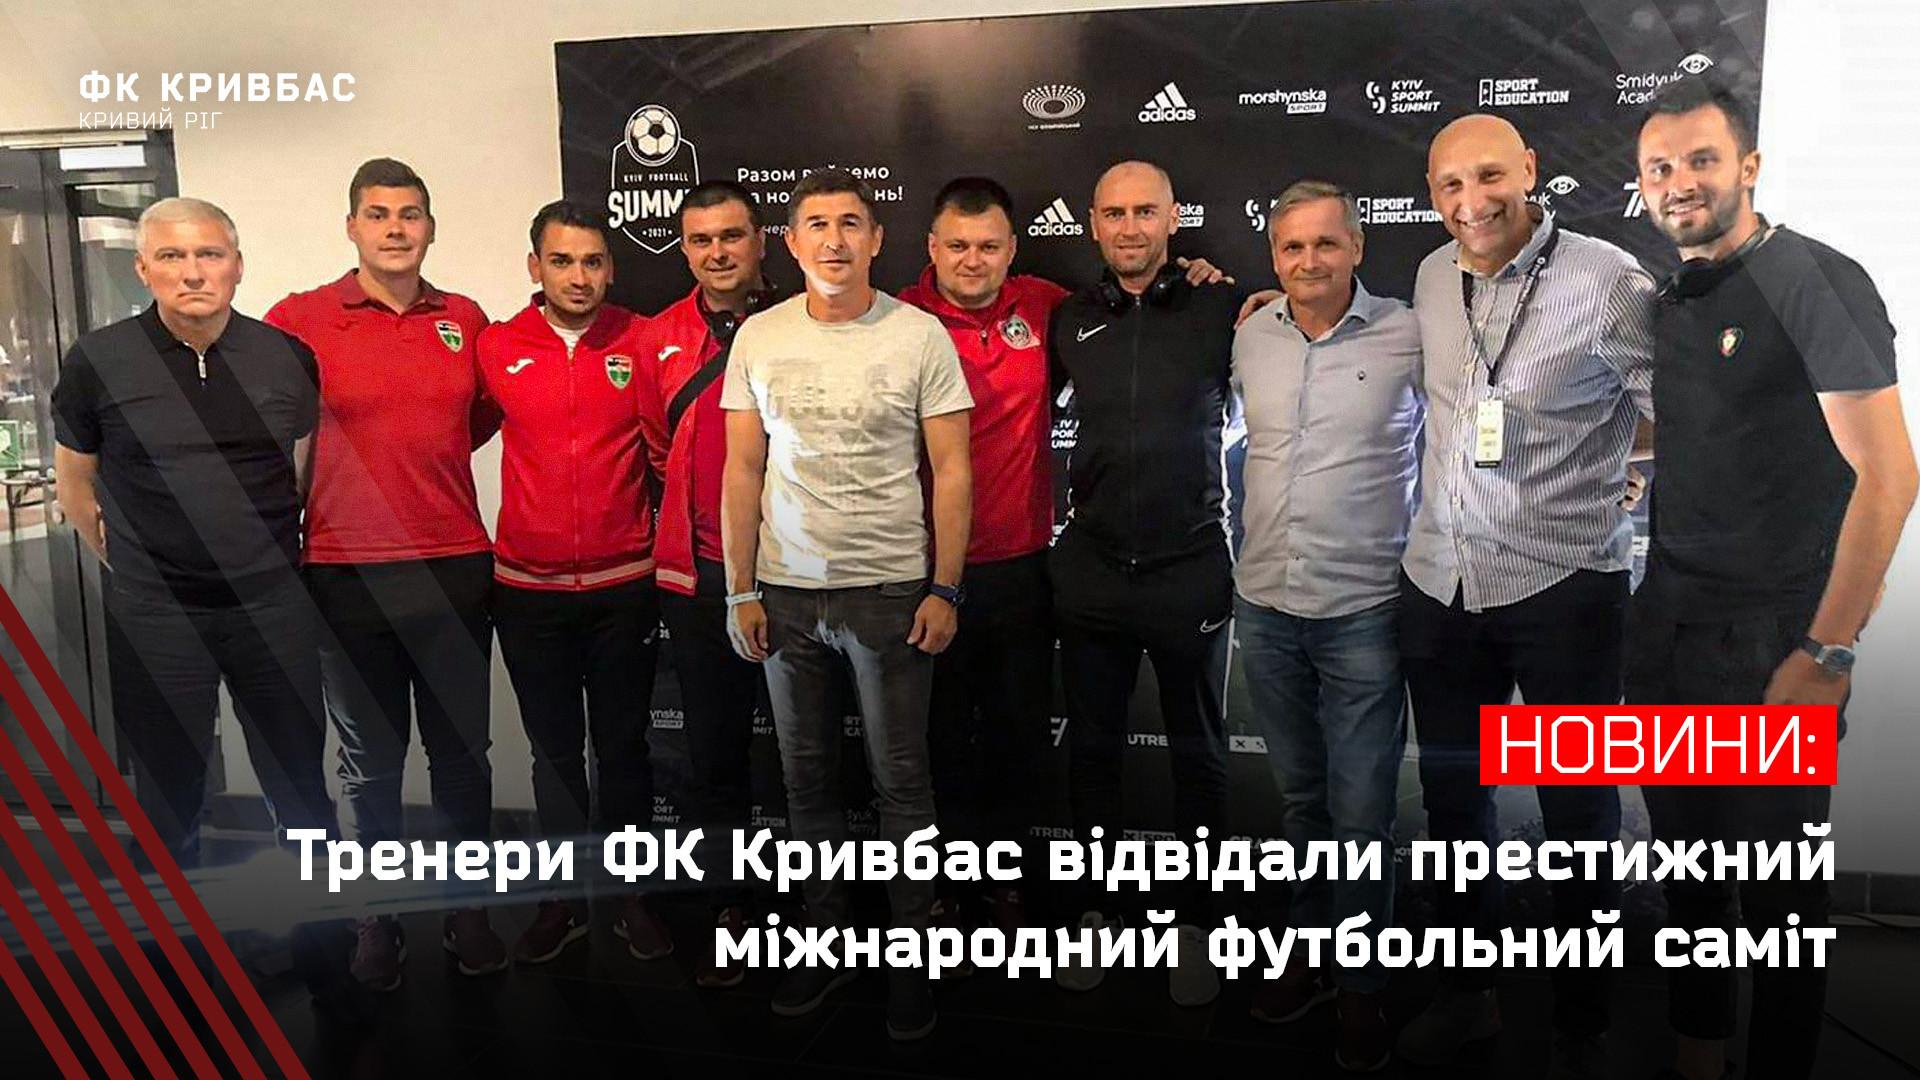 """Тренери й керівництво """"Кривбасу"""" відвідали міжнародний футбольний саміт}"""